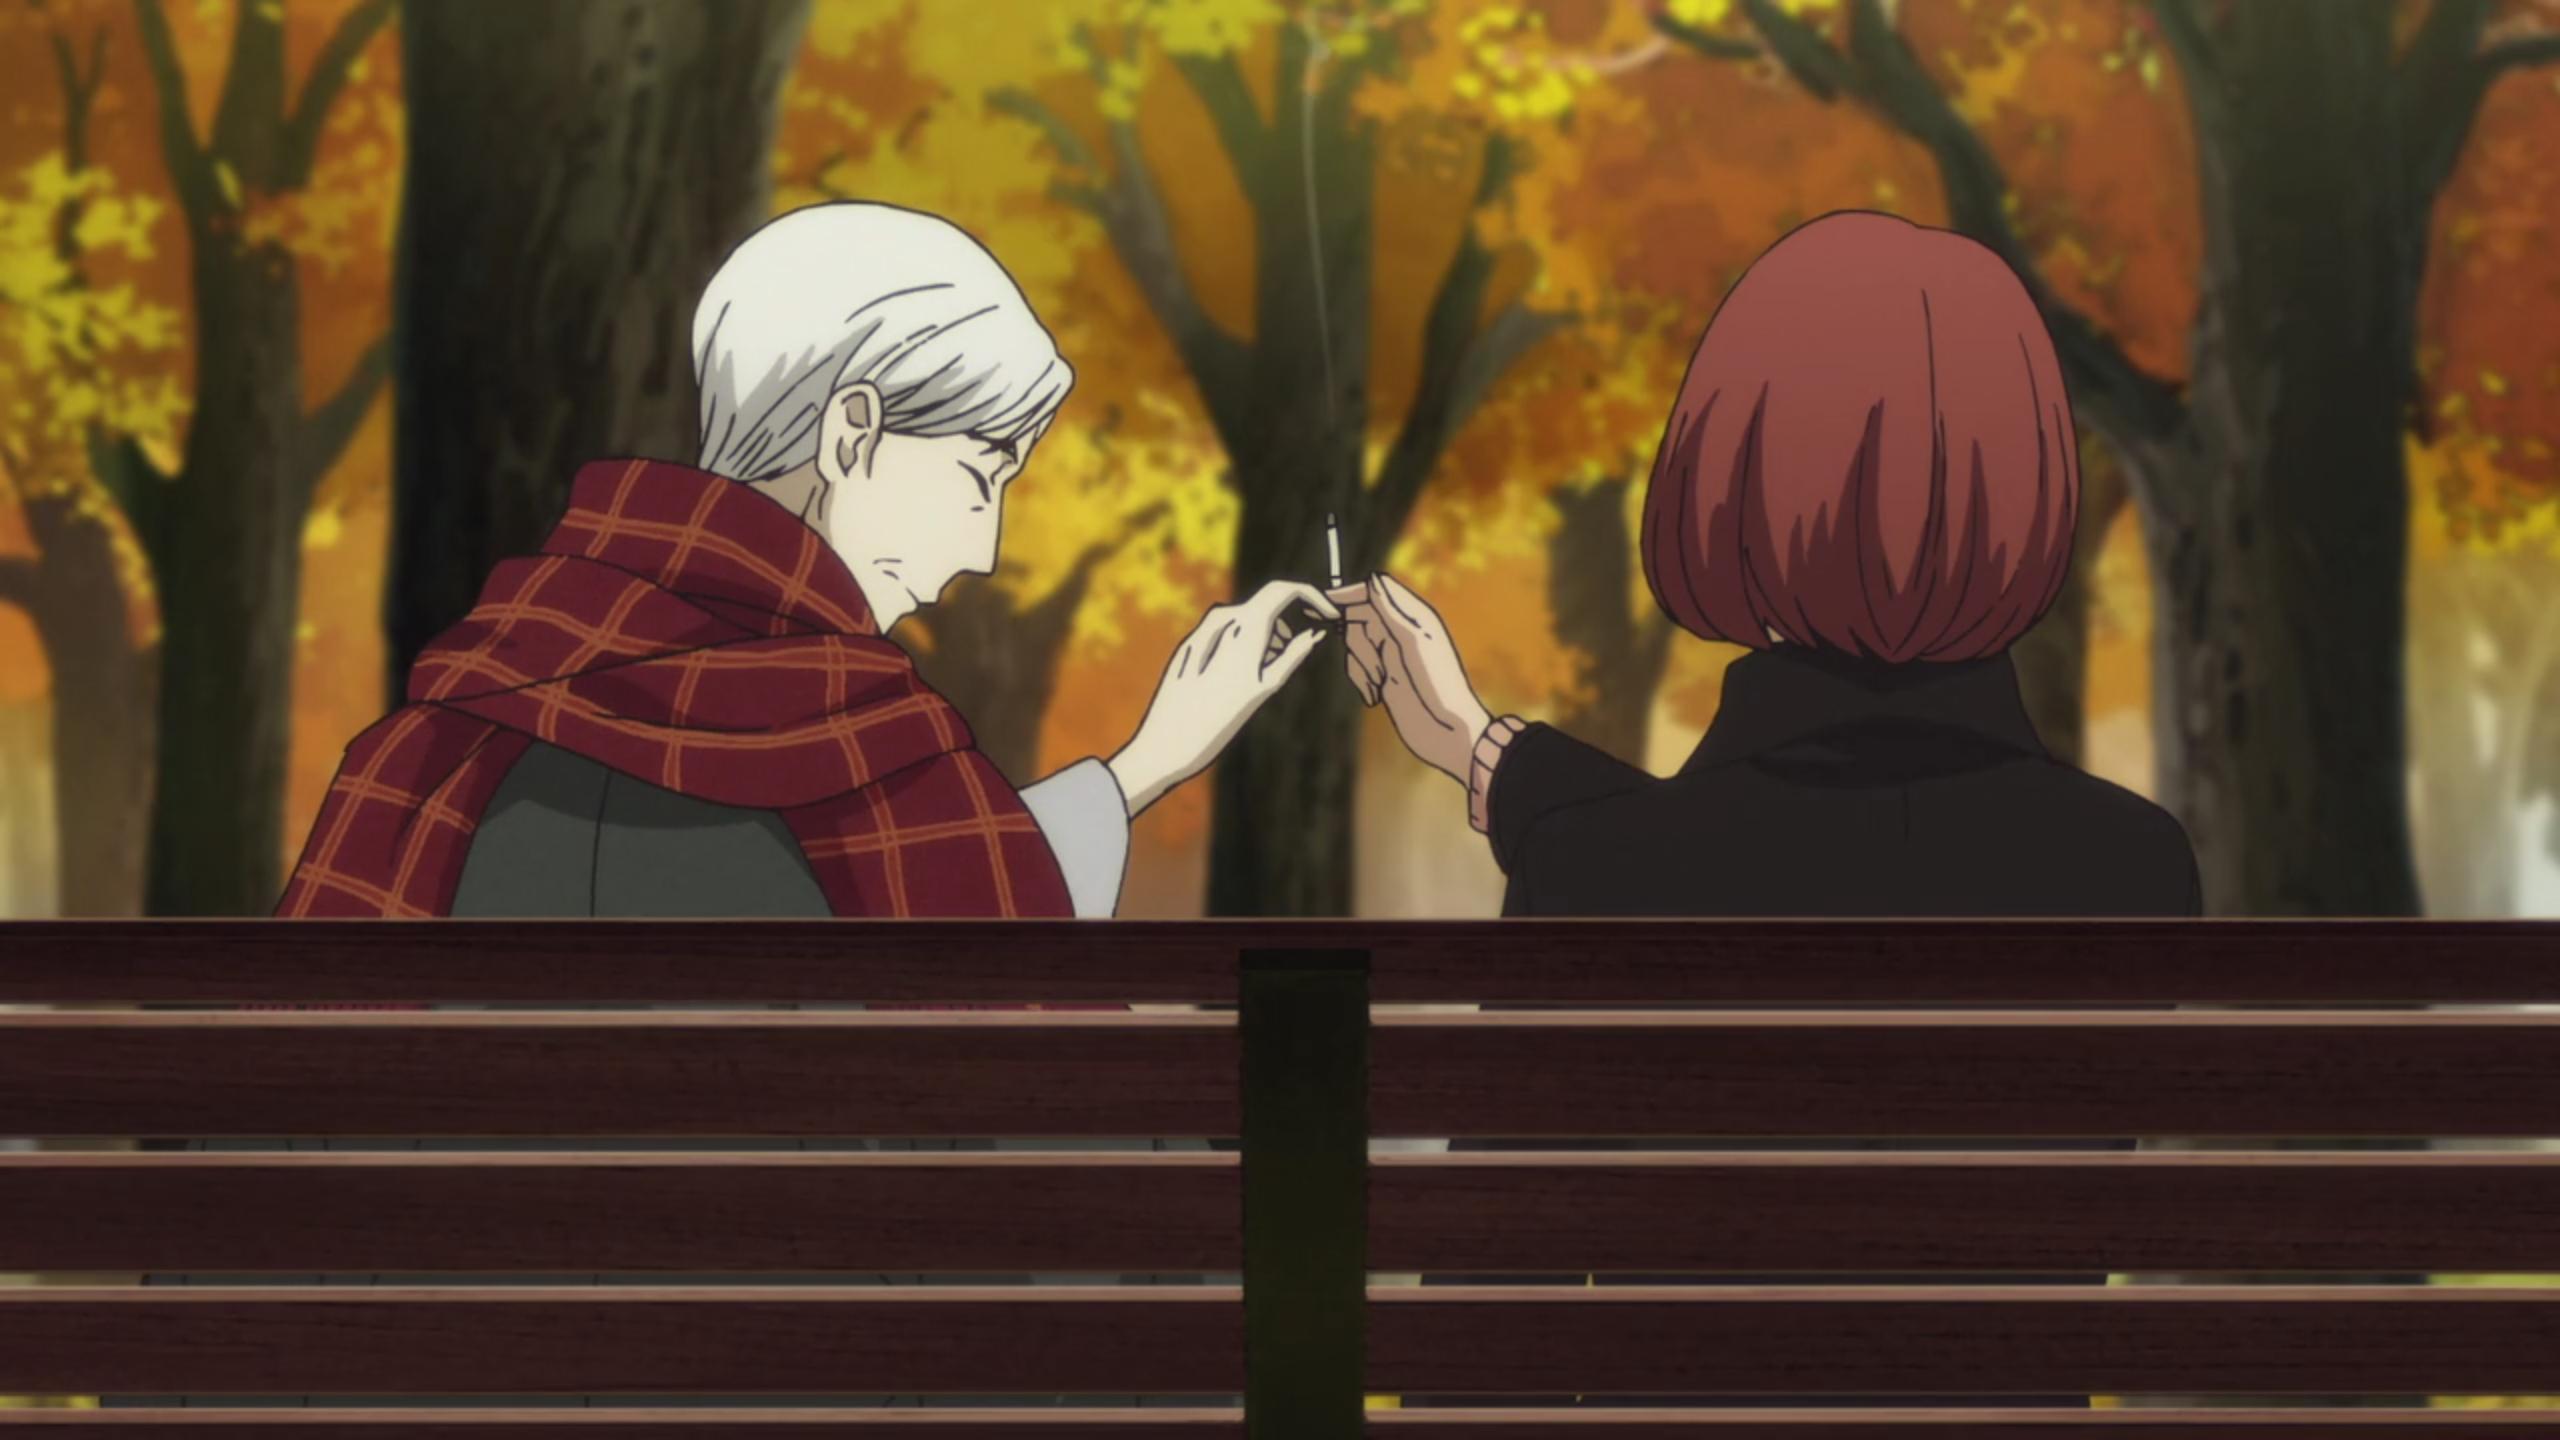 Showa Genroku Rakugo Shinju Season 2 7 Anime Evo